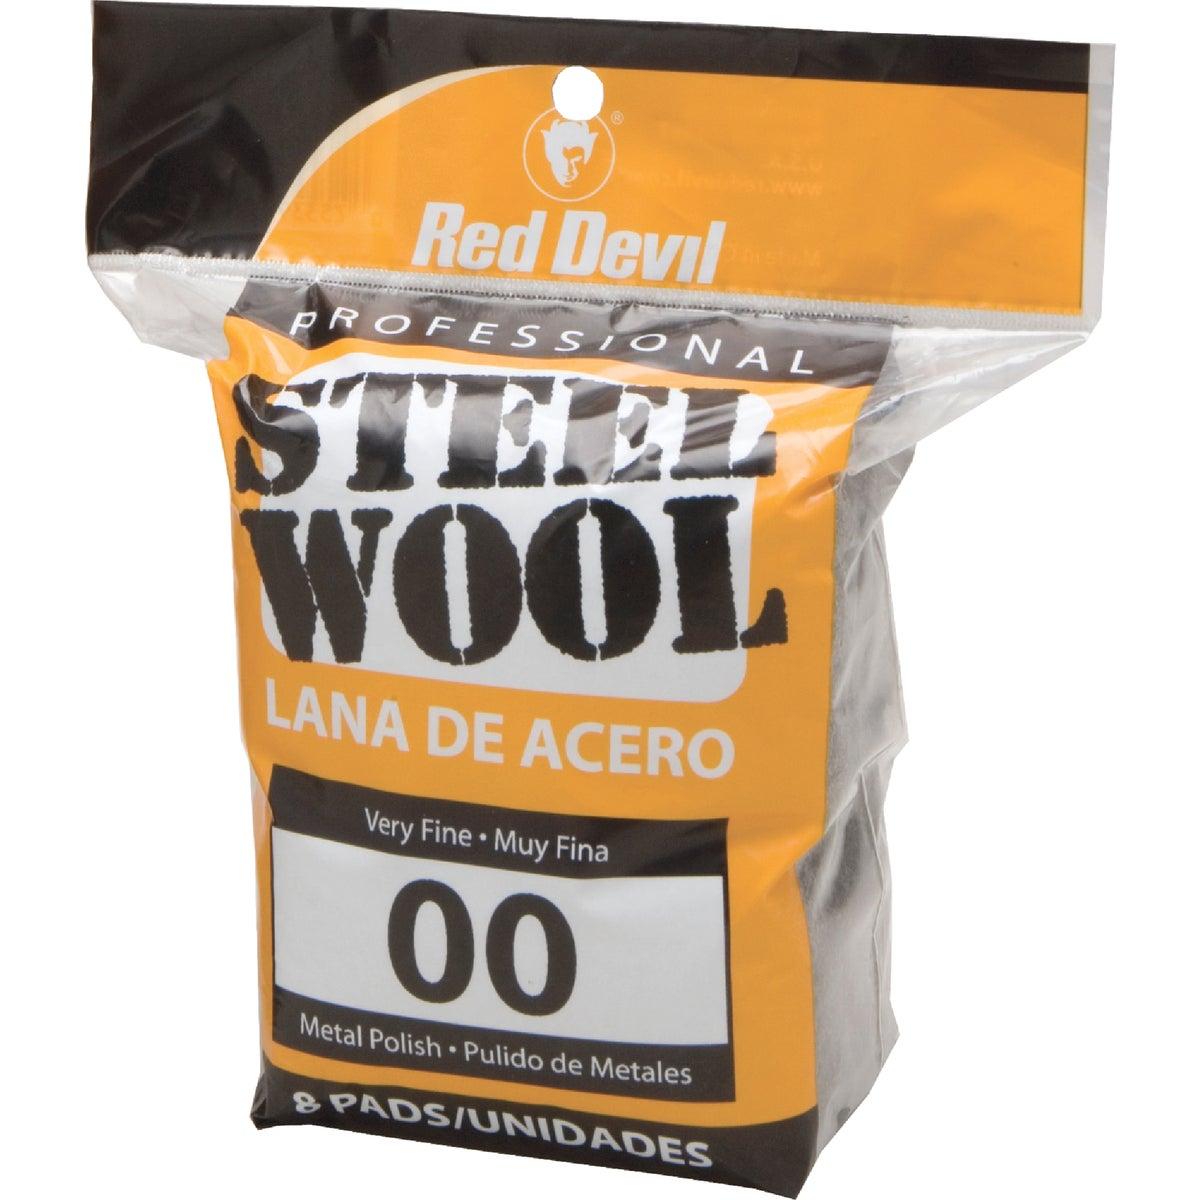 8PK #00 STEEL WOOL